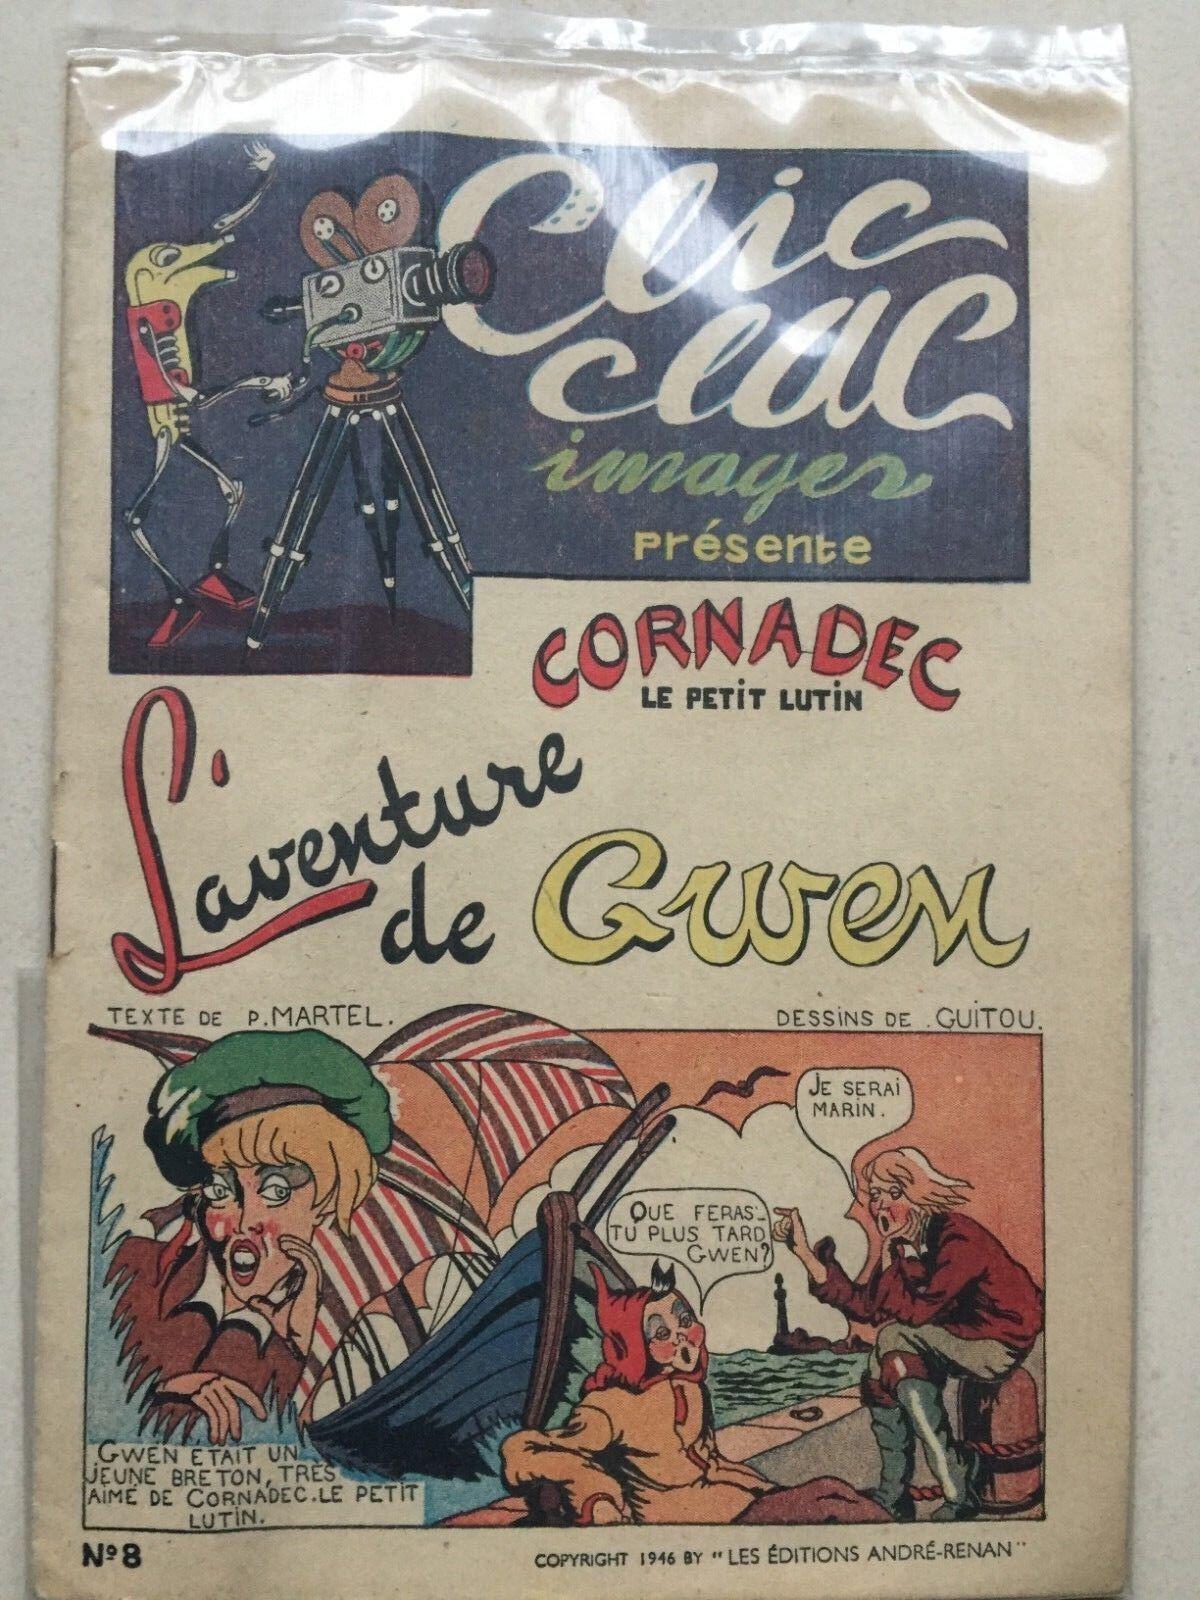 Clic clac images cornadec le petit lutin tres bon etat 1946